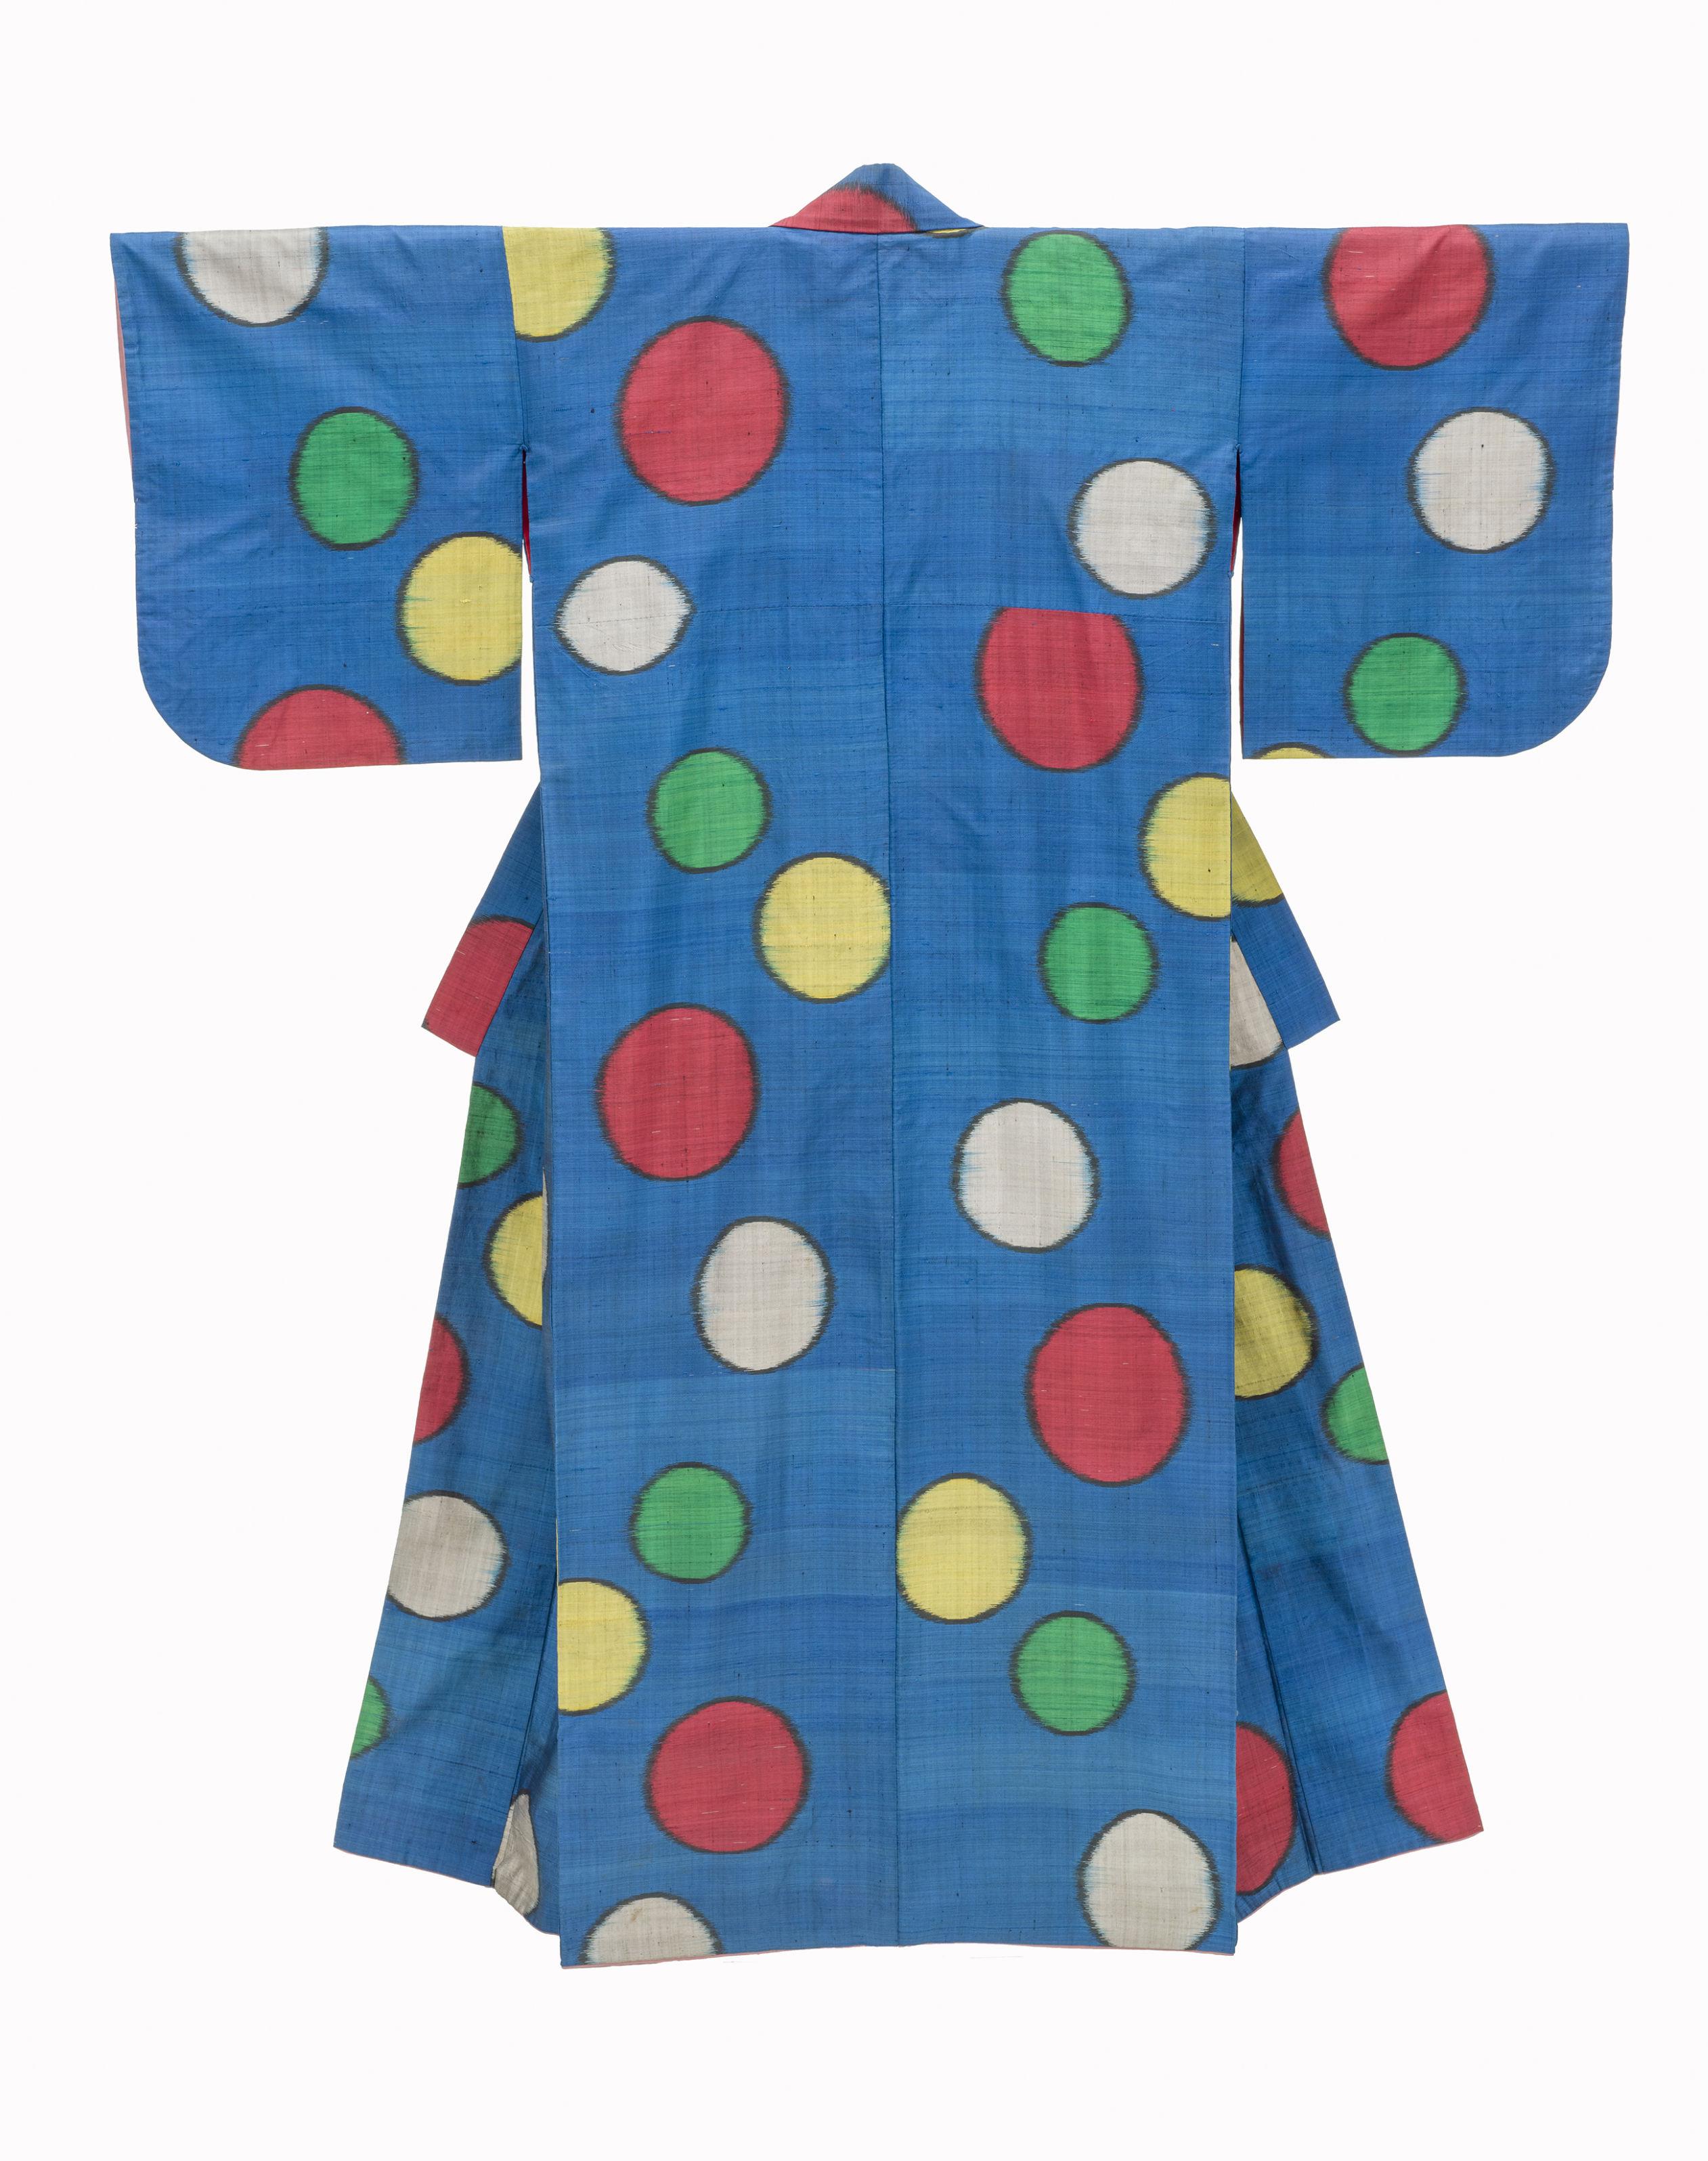 2014-07-03-kimono4.jpg